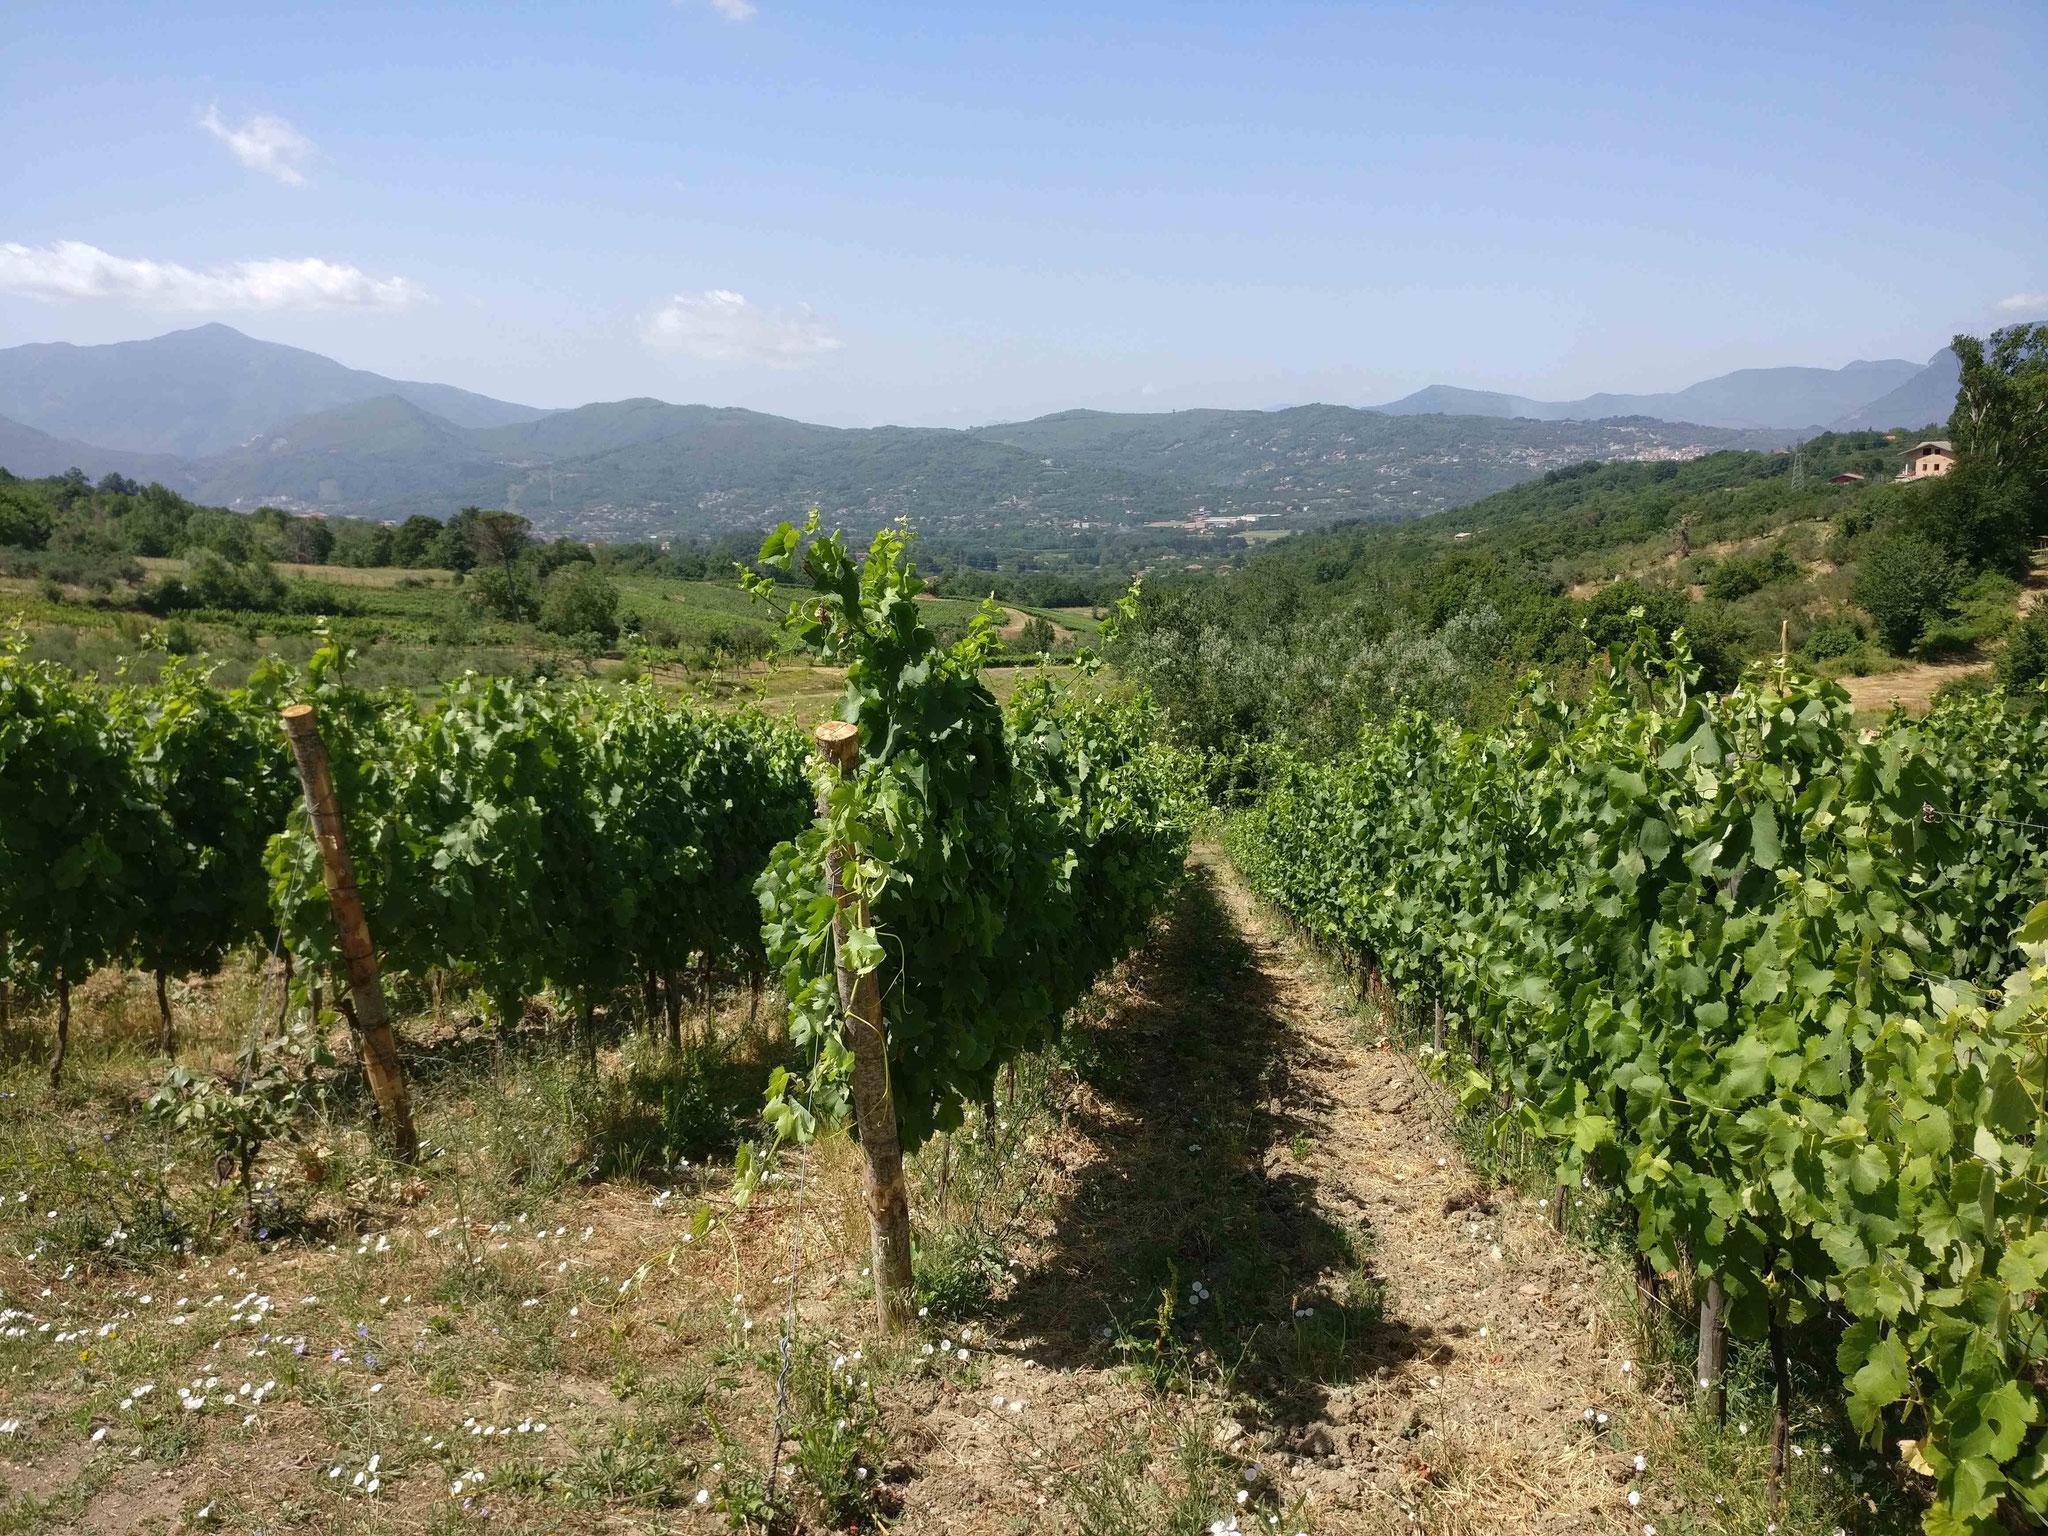 Landschaft in der Region Avellino